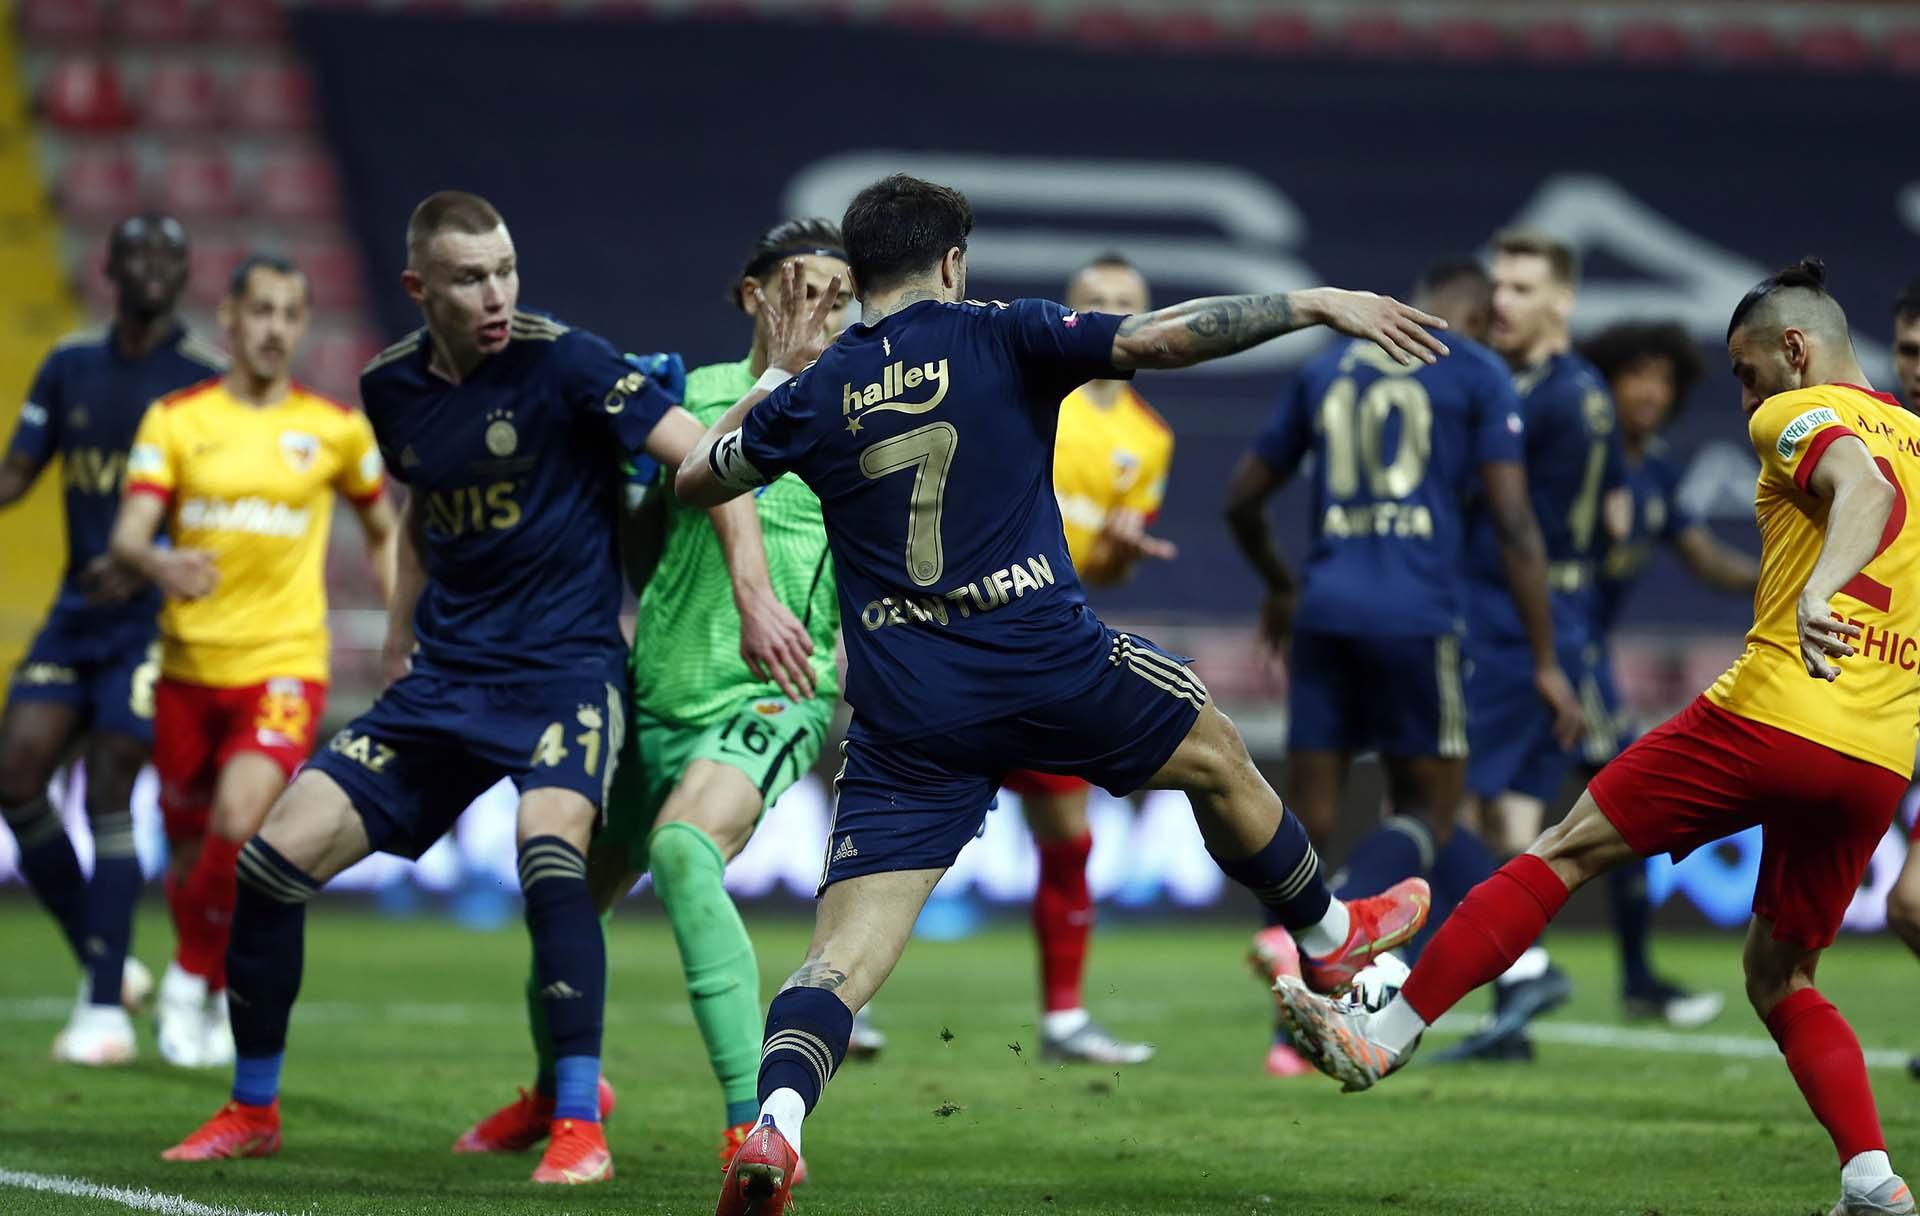 Fenerbahçe'nin kaderi Beşiktaş'ın elinde! Kartal kazanırsa Fener, Avrupa Ligine gidecek